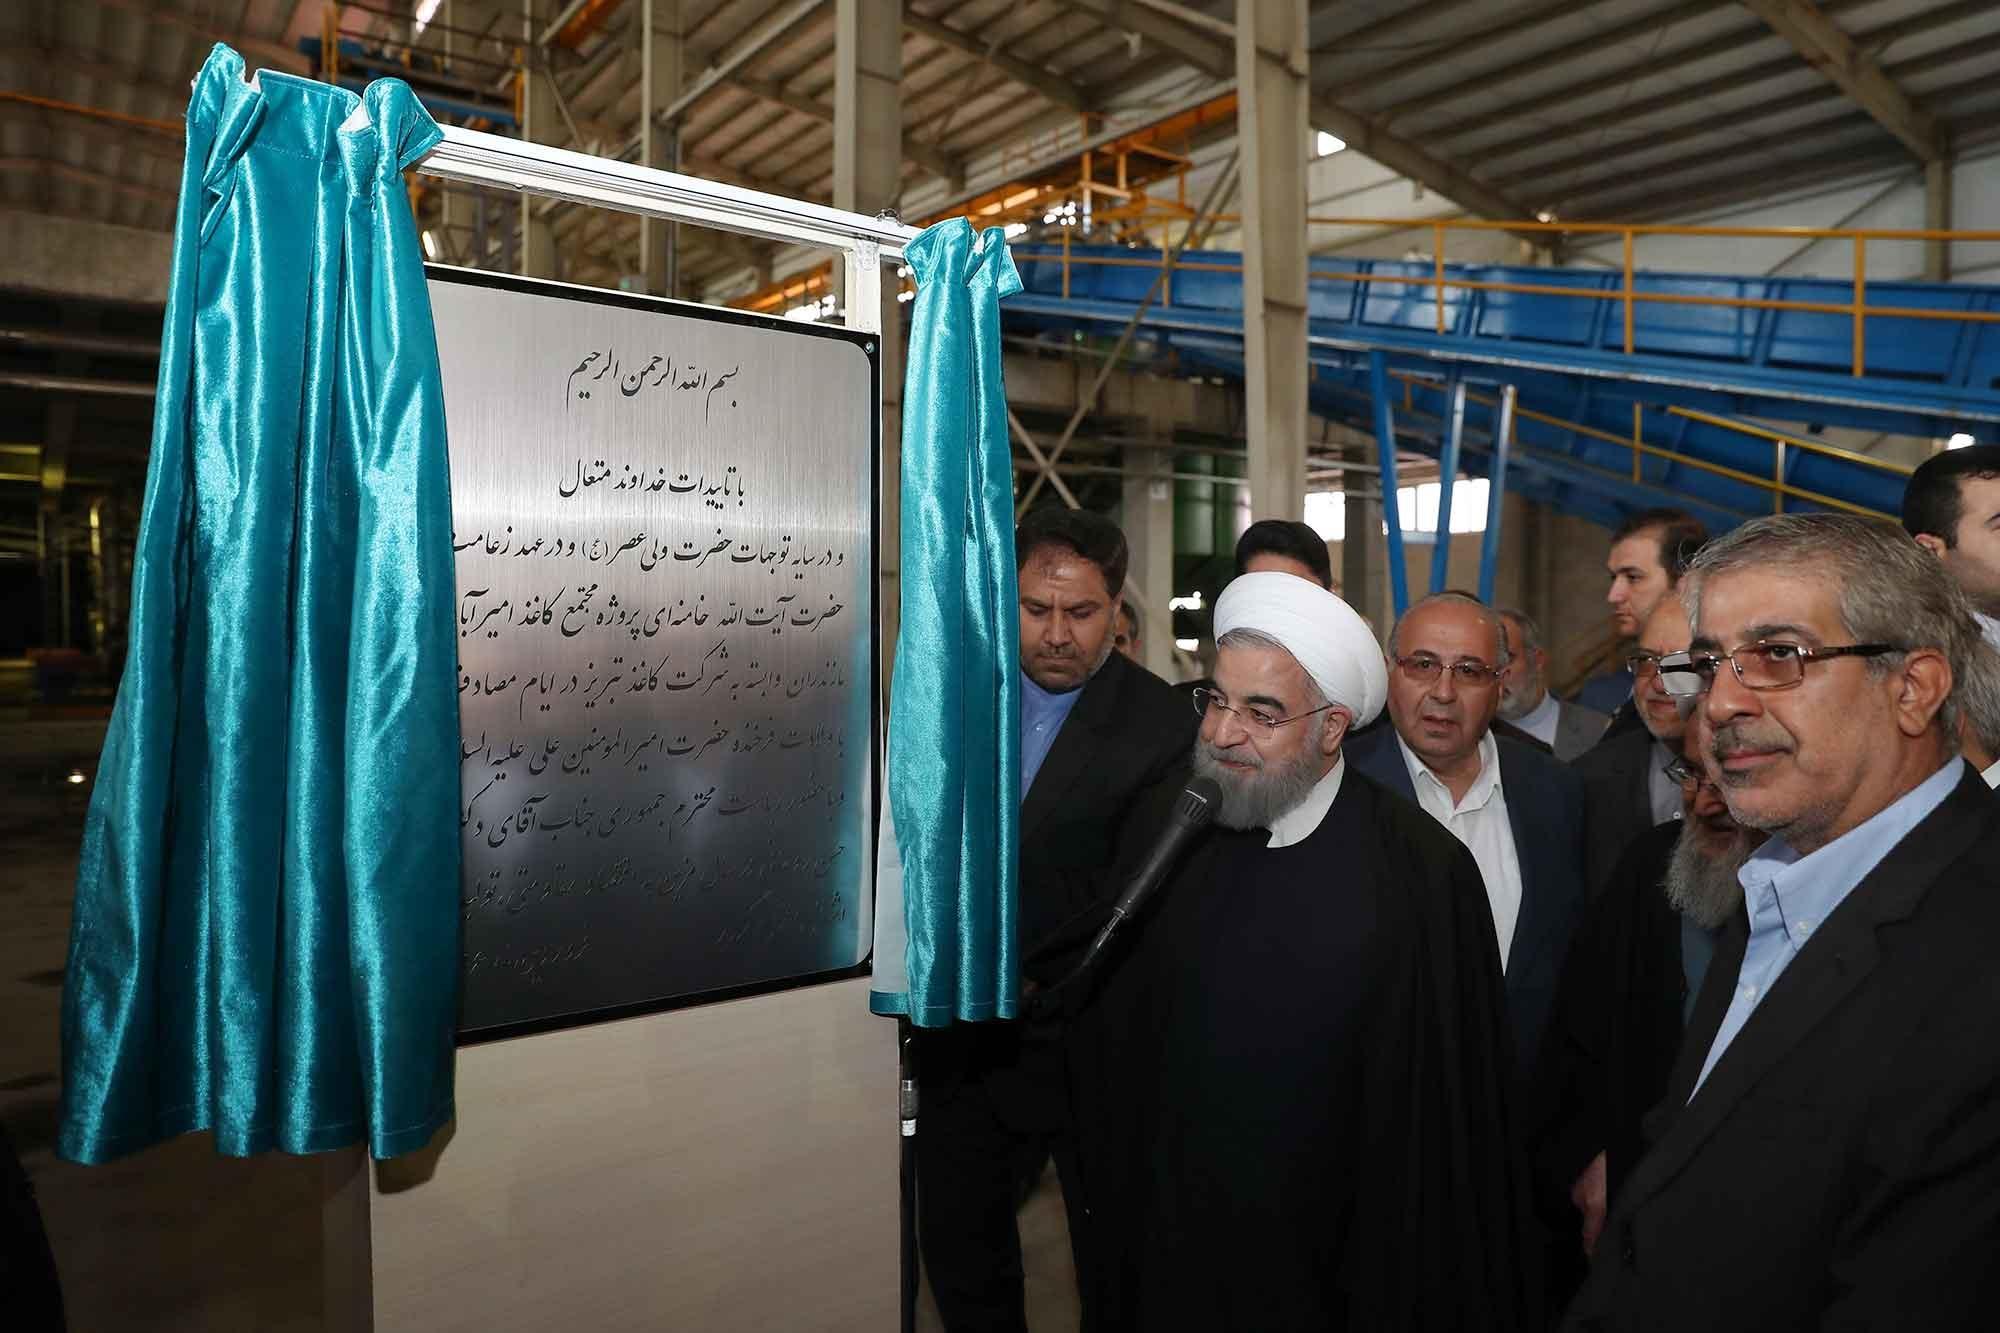 تصاویر   افتتاح پروژههای اقتصادی و اجرایی در مازندران با حضور رییسجمهور